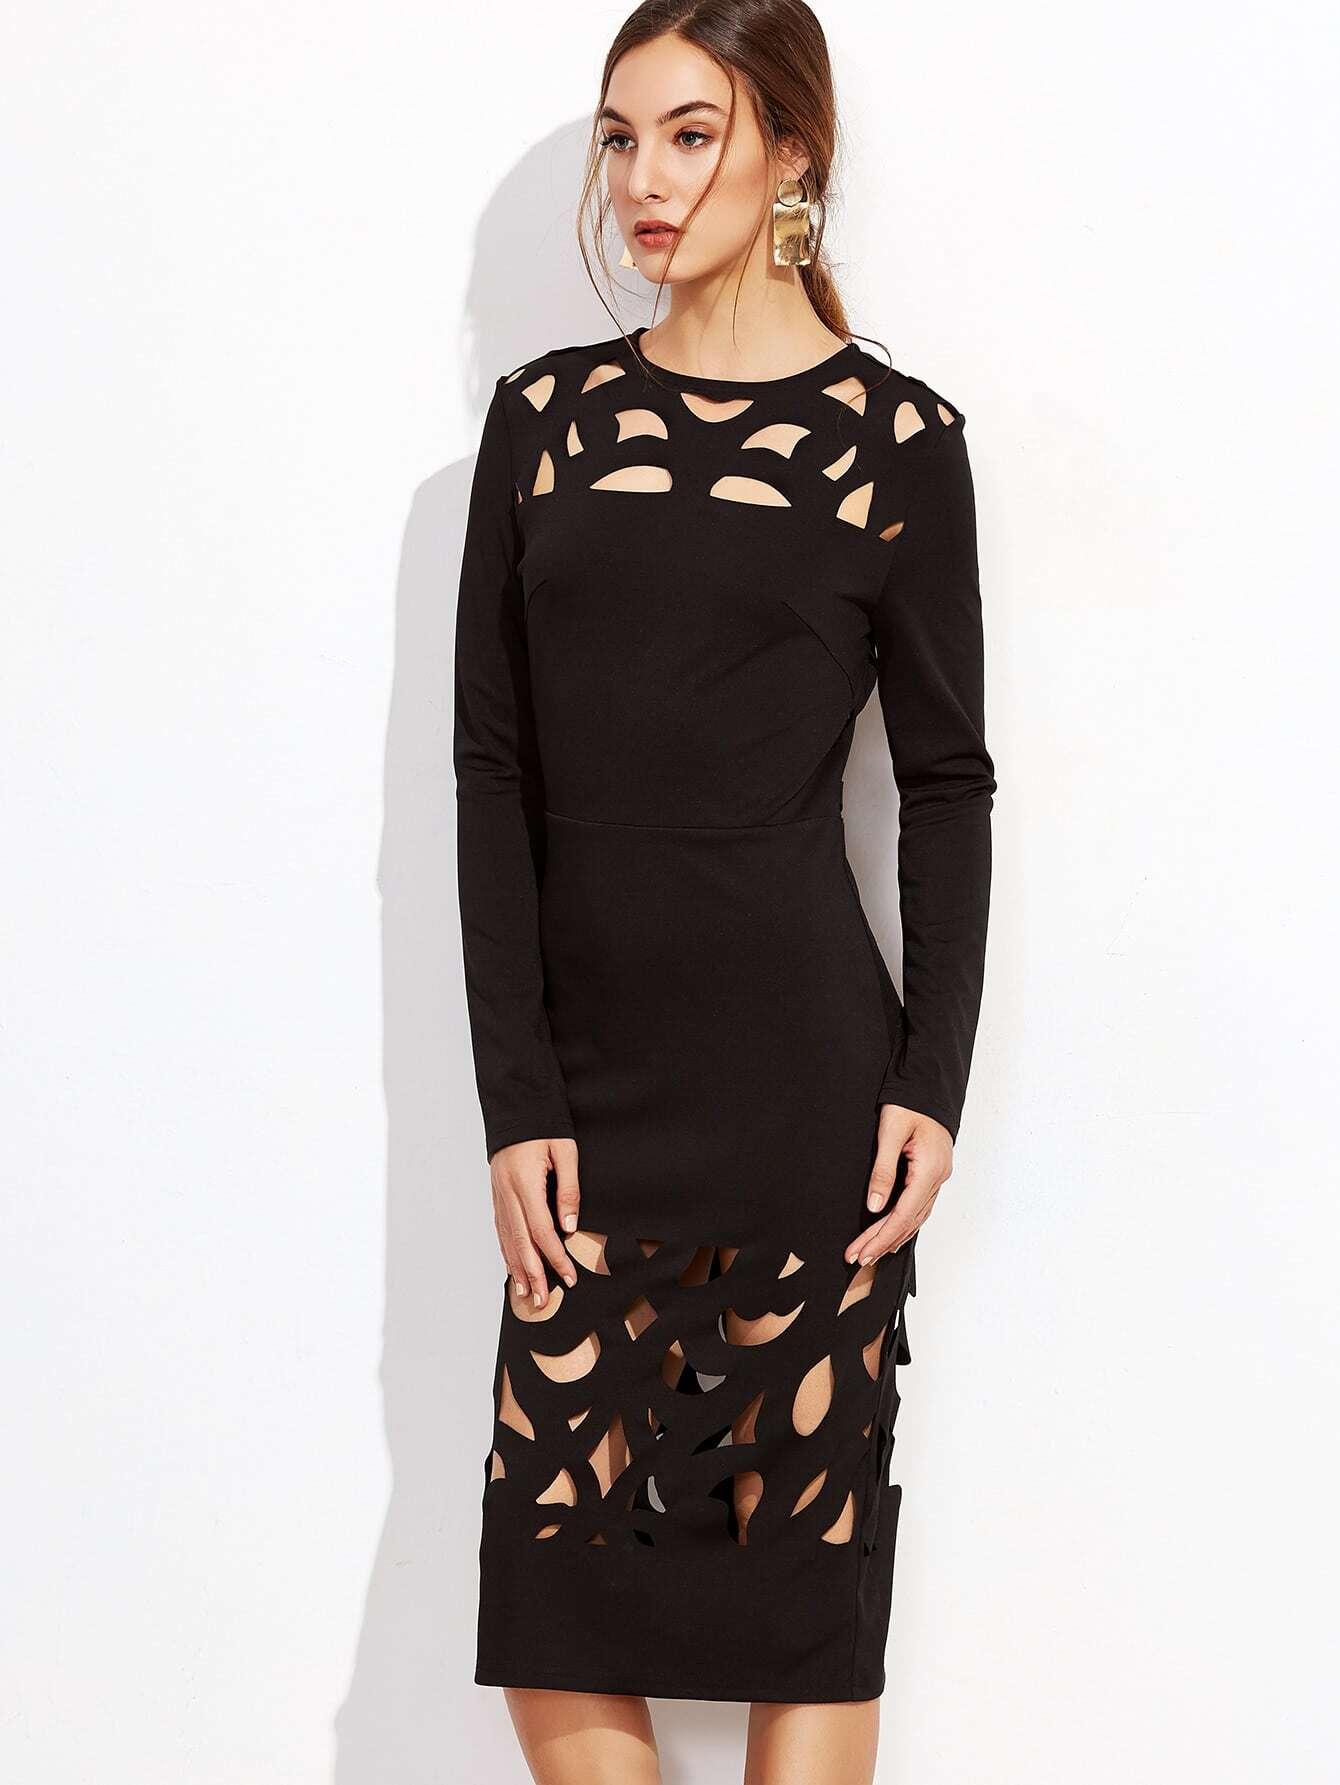 dress161012705_2